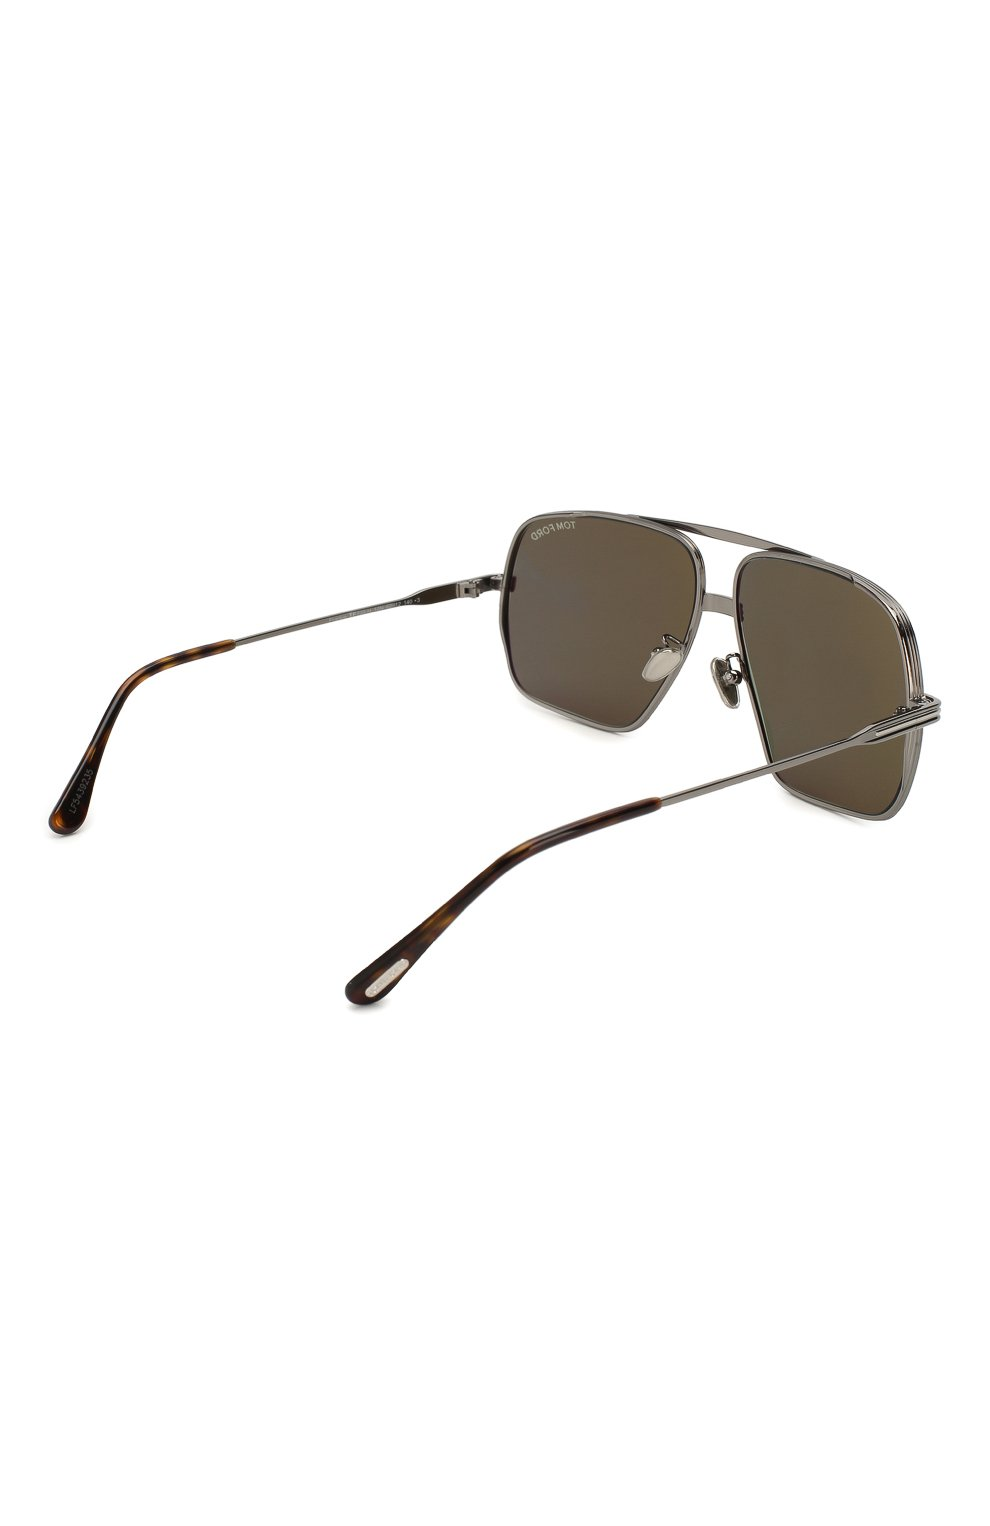 Мужские солнцезащитные очки TOM FORD темно-серого цвета, арт. TF735-H 12N | Фото 3